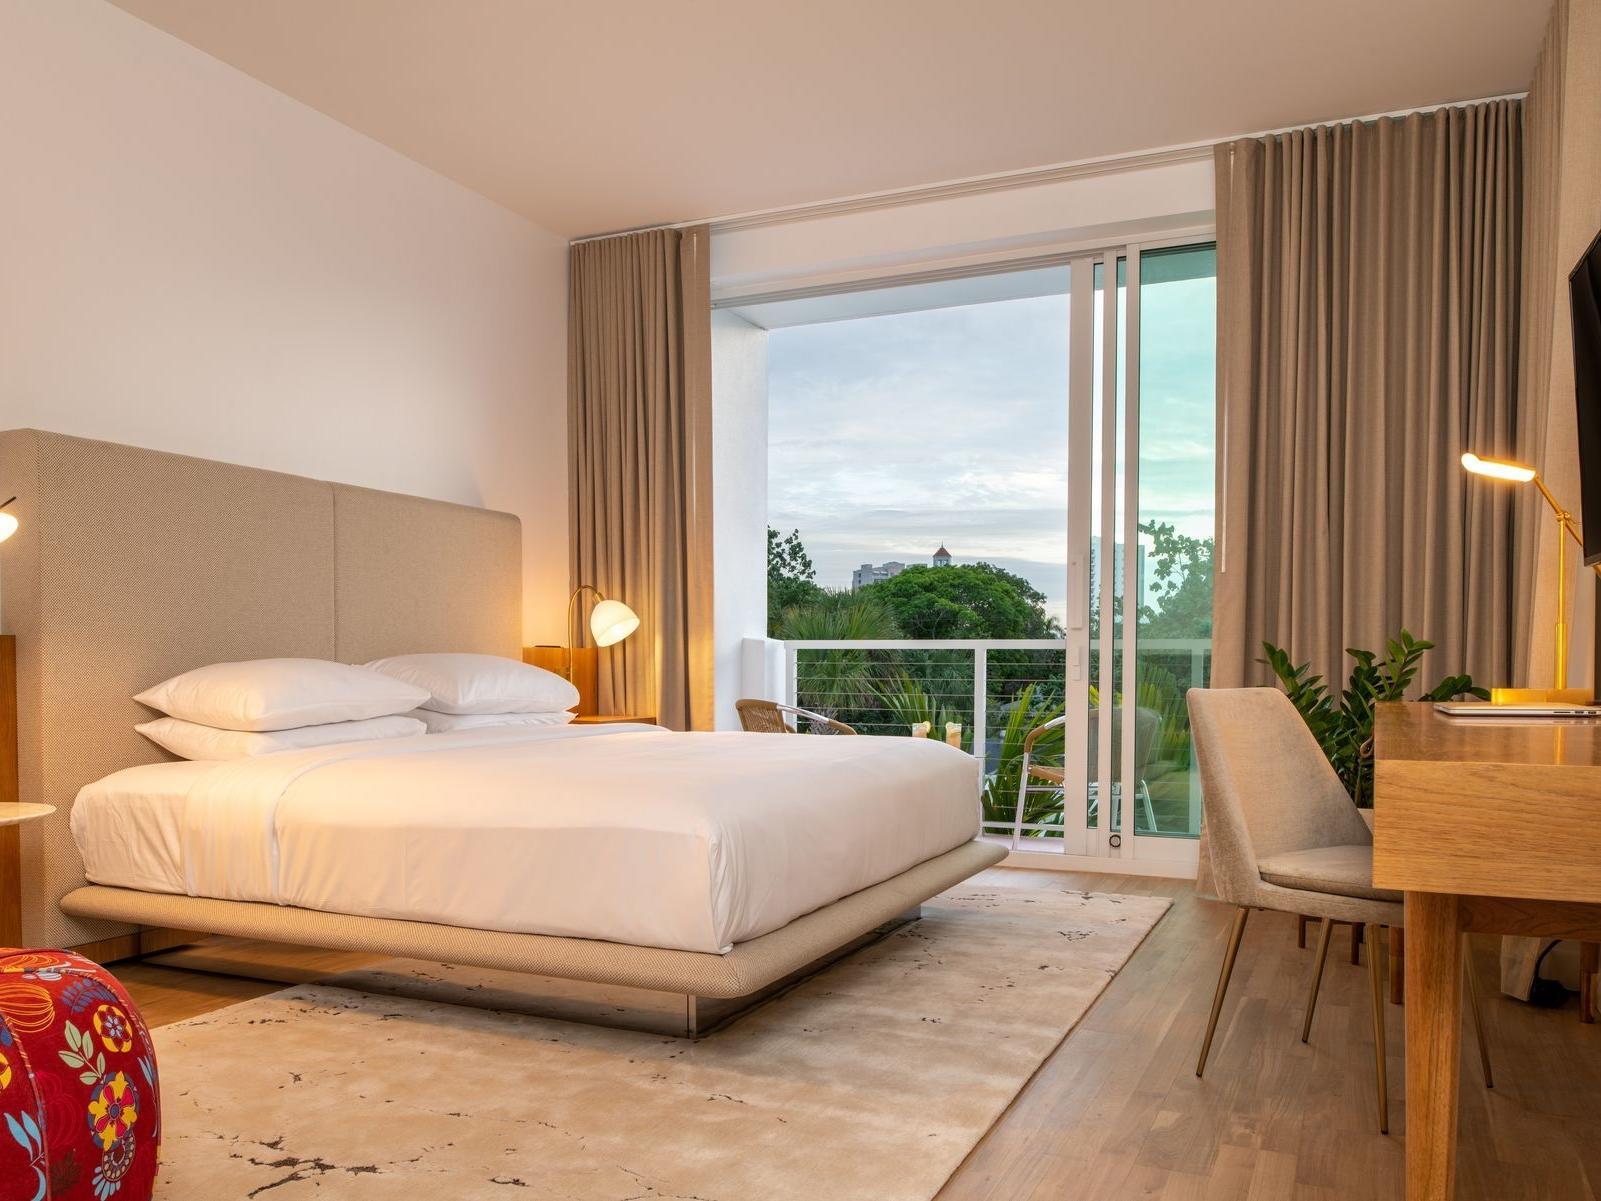 . Downtown Sarasota Rooms   Suites   The Sarasota Modern